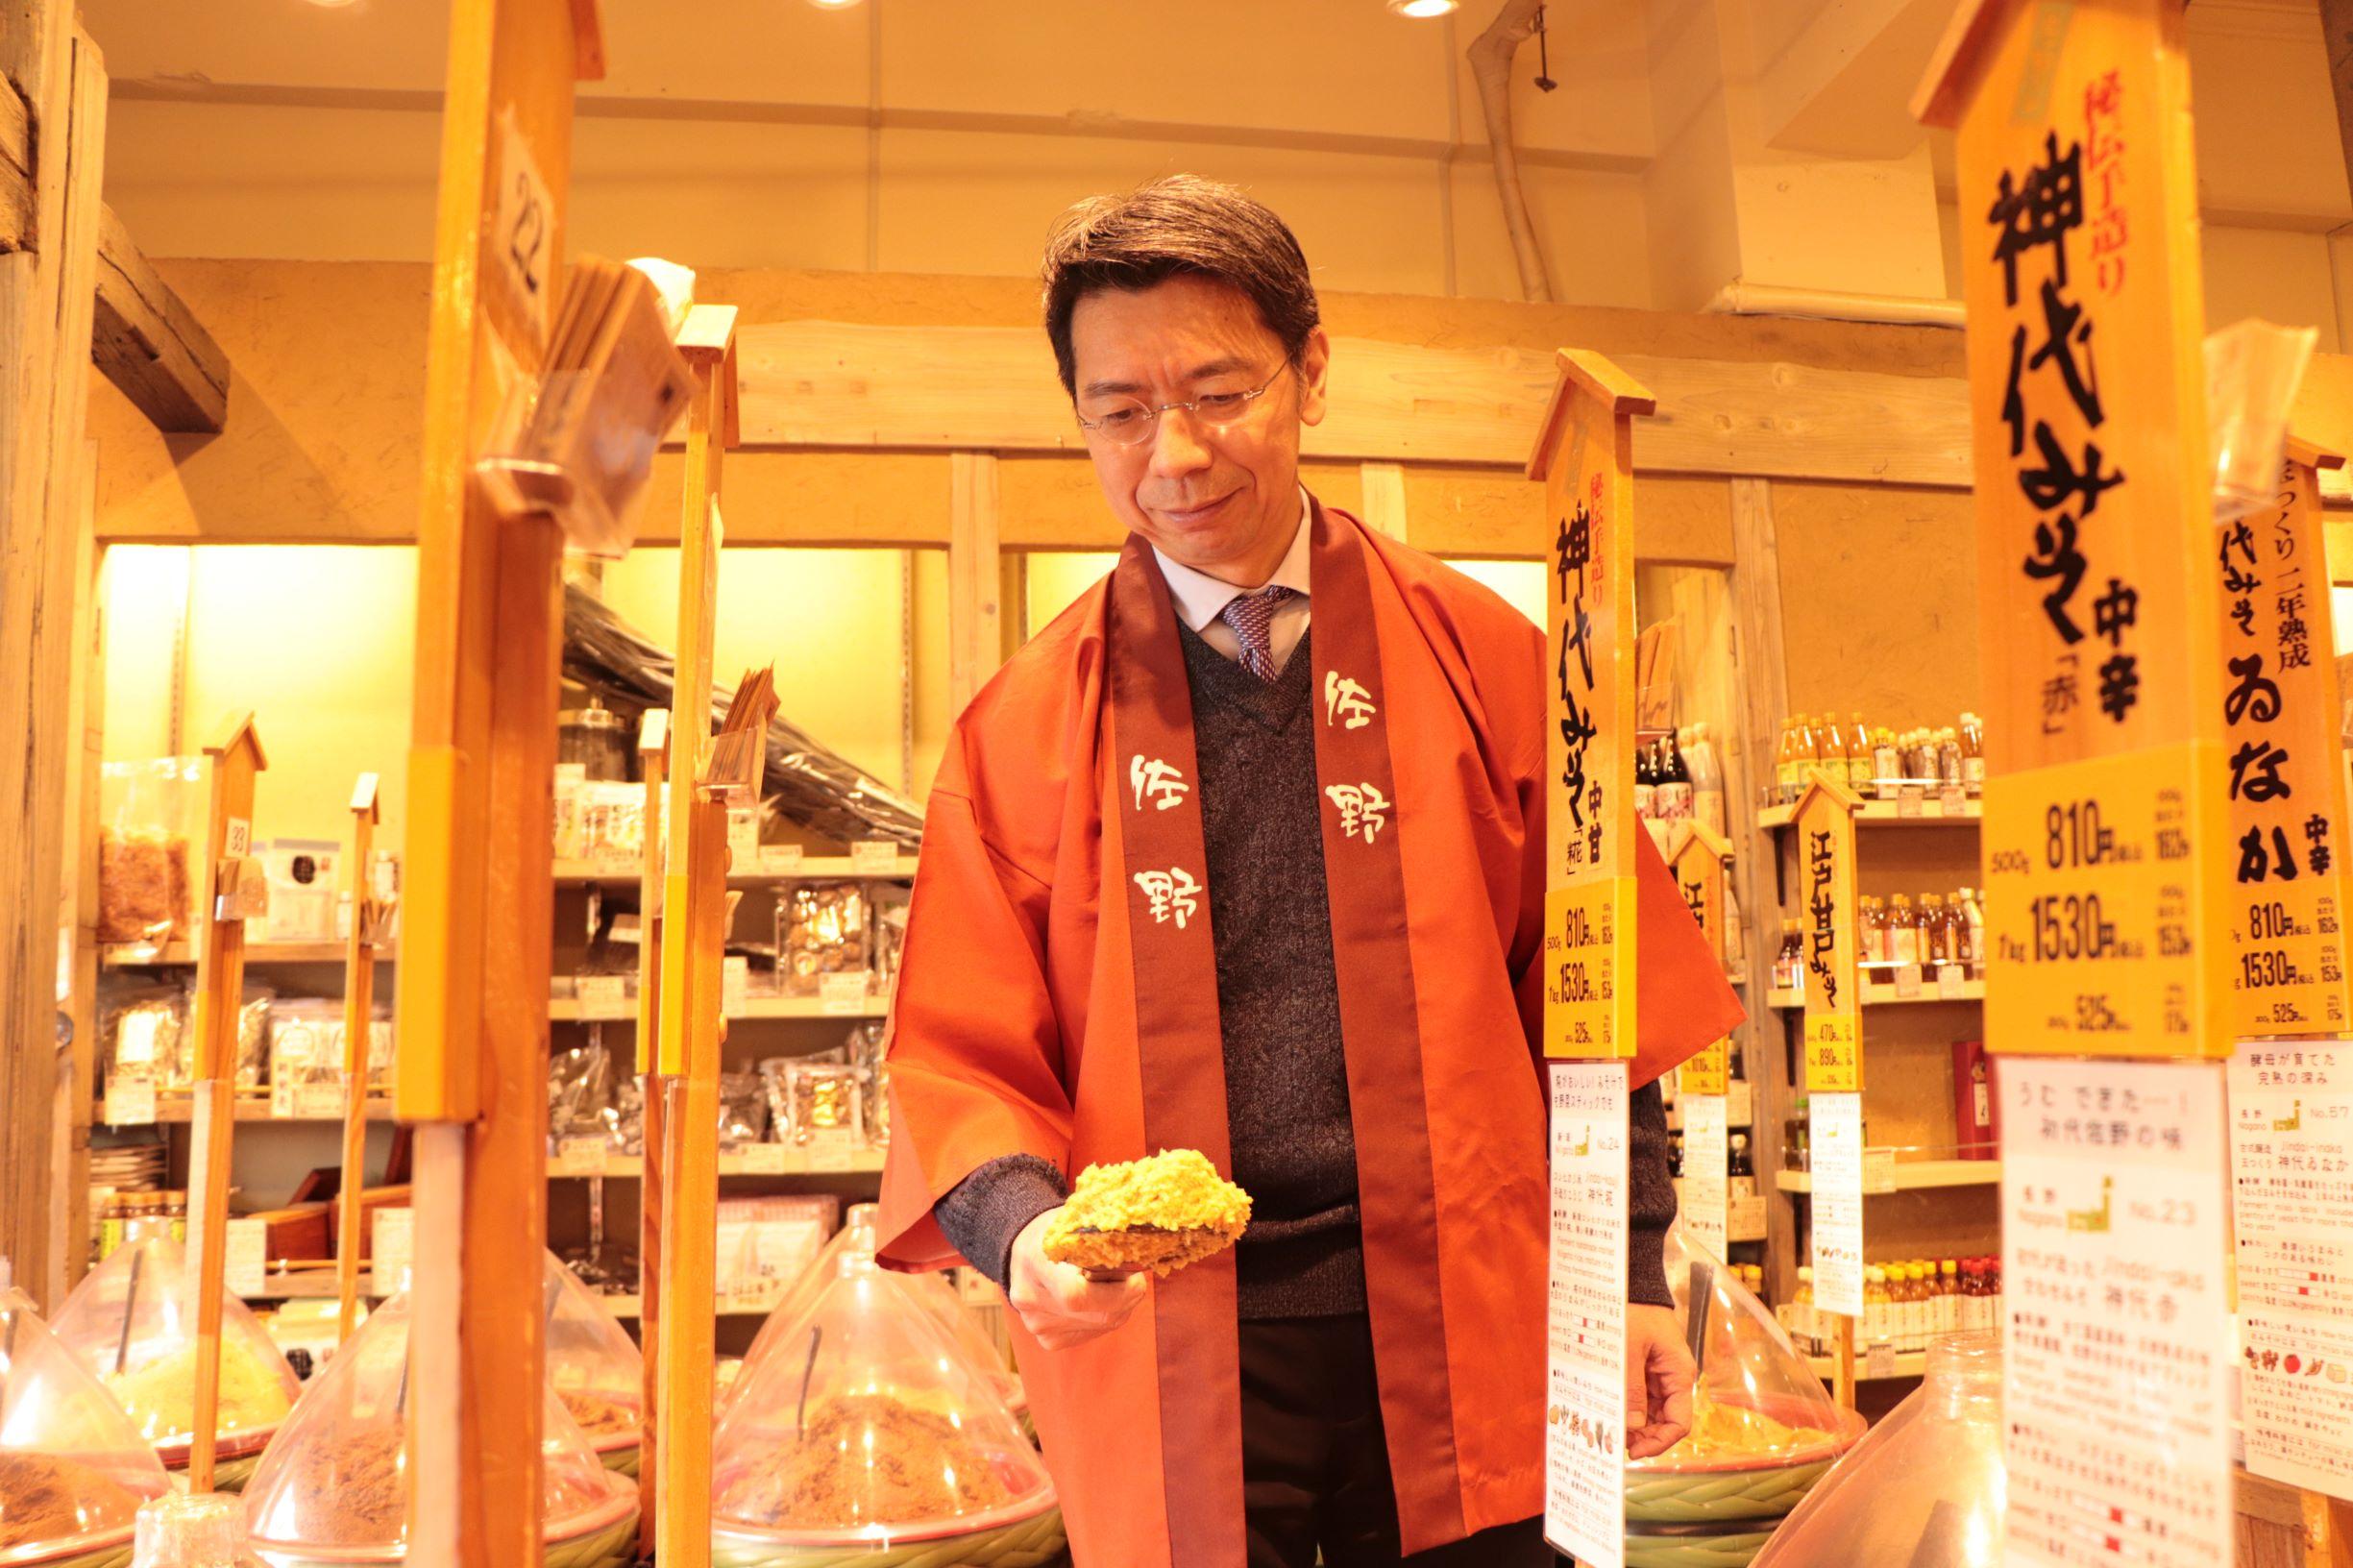 """[江東這個市鎮那個人]想享用""""佐野大醬龜戶總店""""總經理佐野正明大醬的味道以及文化的佐野正明。"""